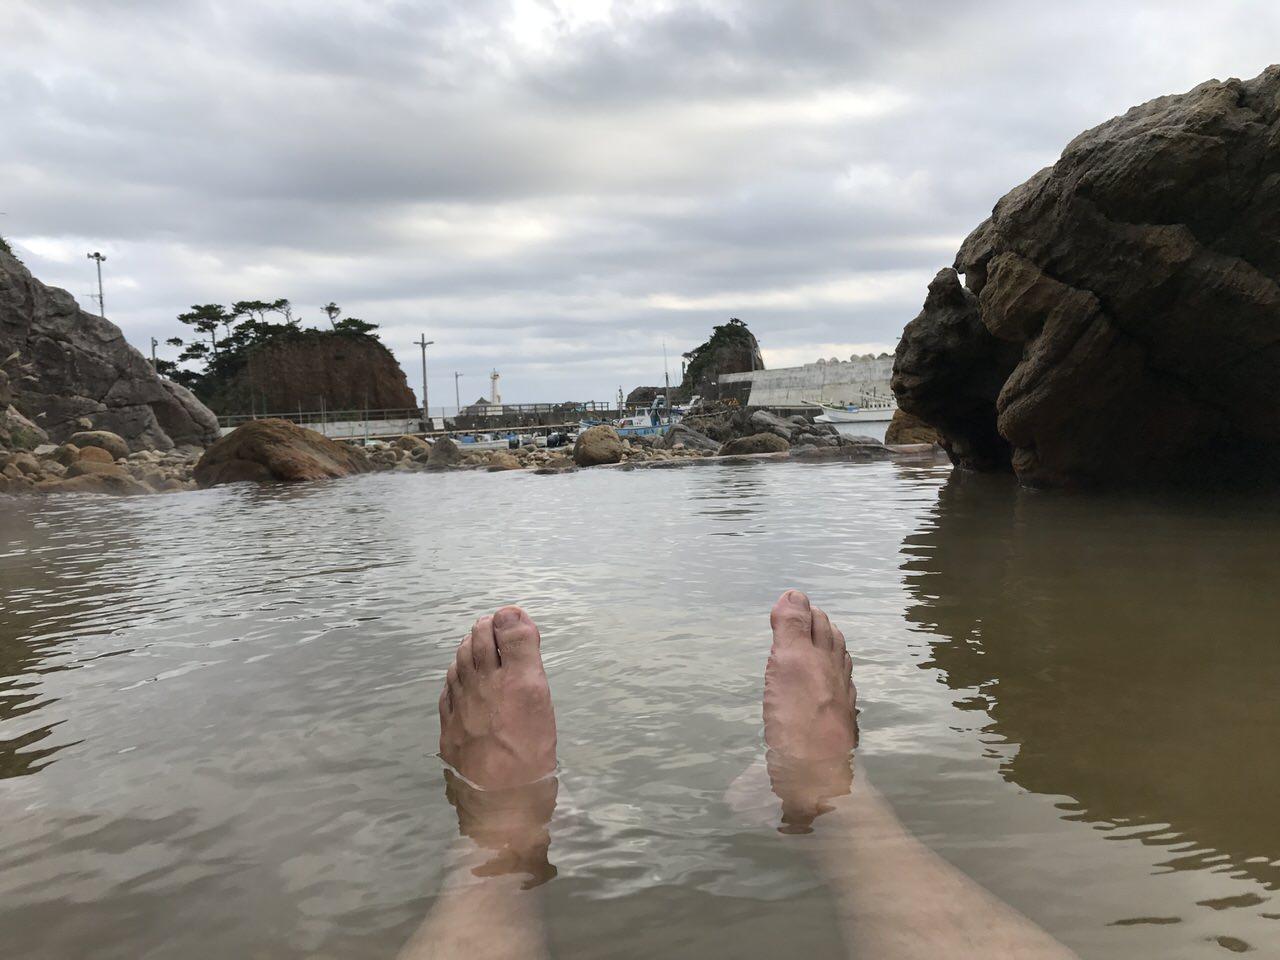 【温泉4ヶ所】海沿いの温泉巡りを楽しむ式根島旅行【PR】 #tokyoreporter #tamashima #tokyo #shikinejima